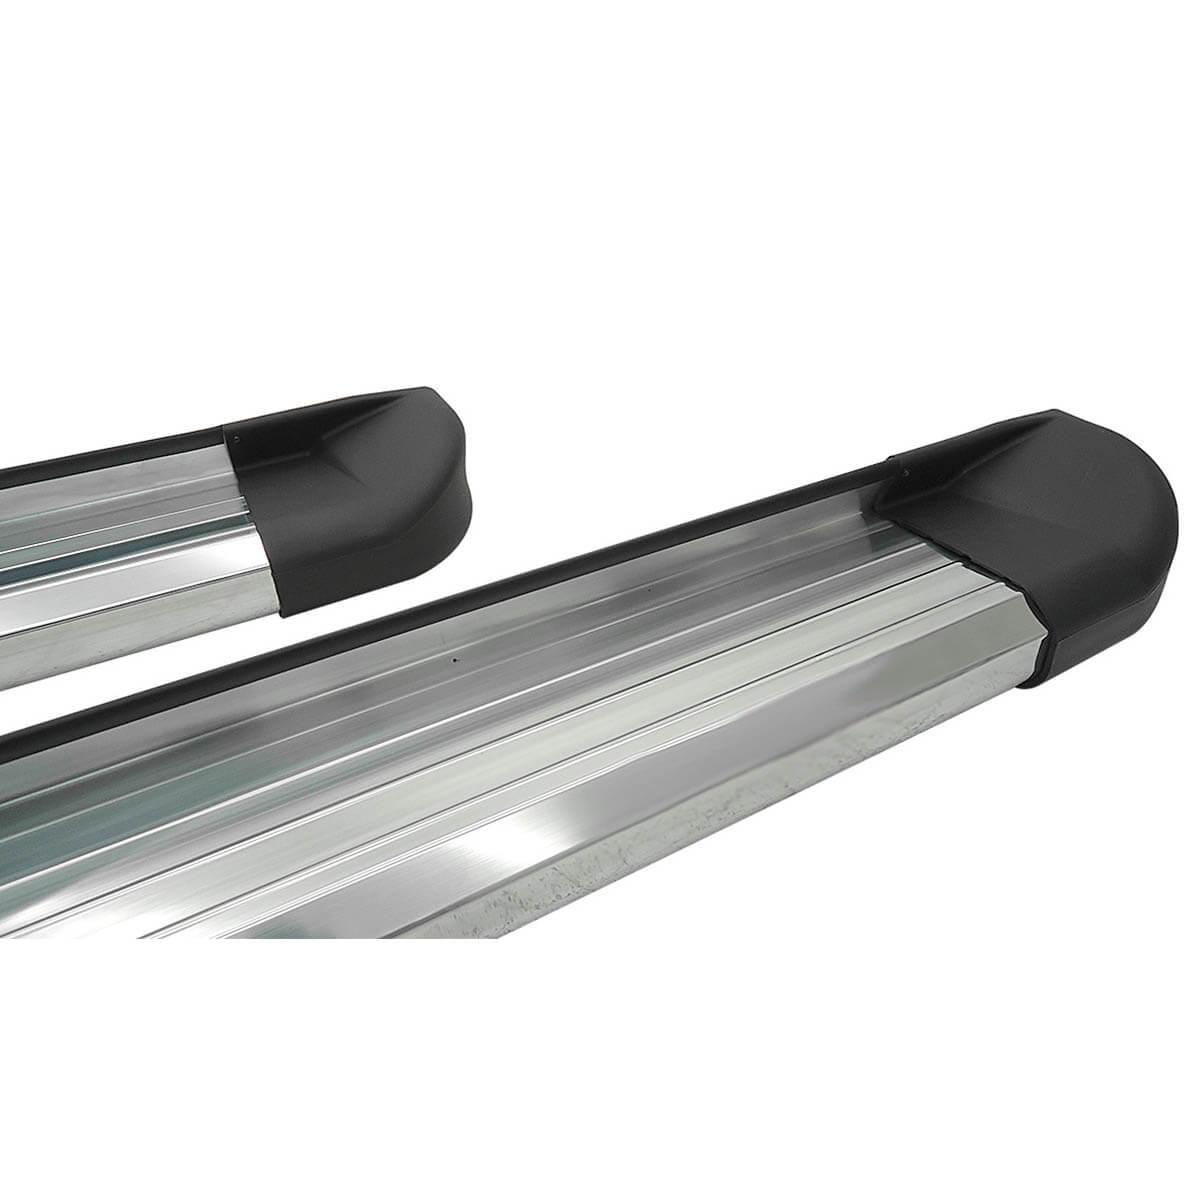 Estribo plataforma alumínio Frontier 2008 a 2016